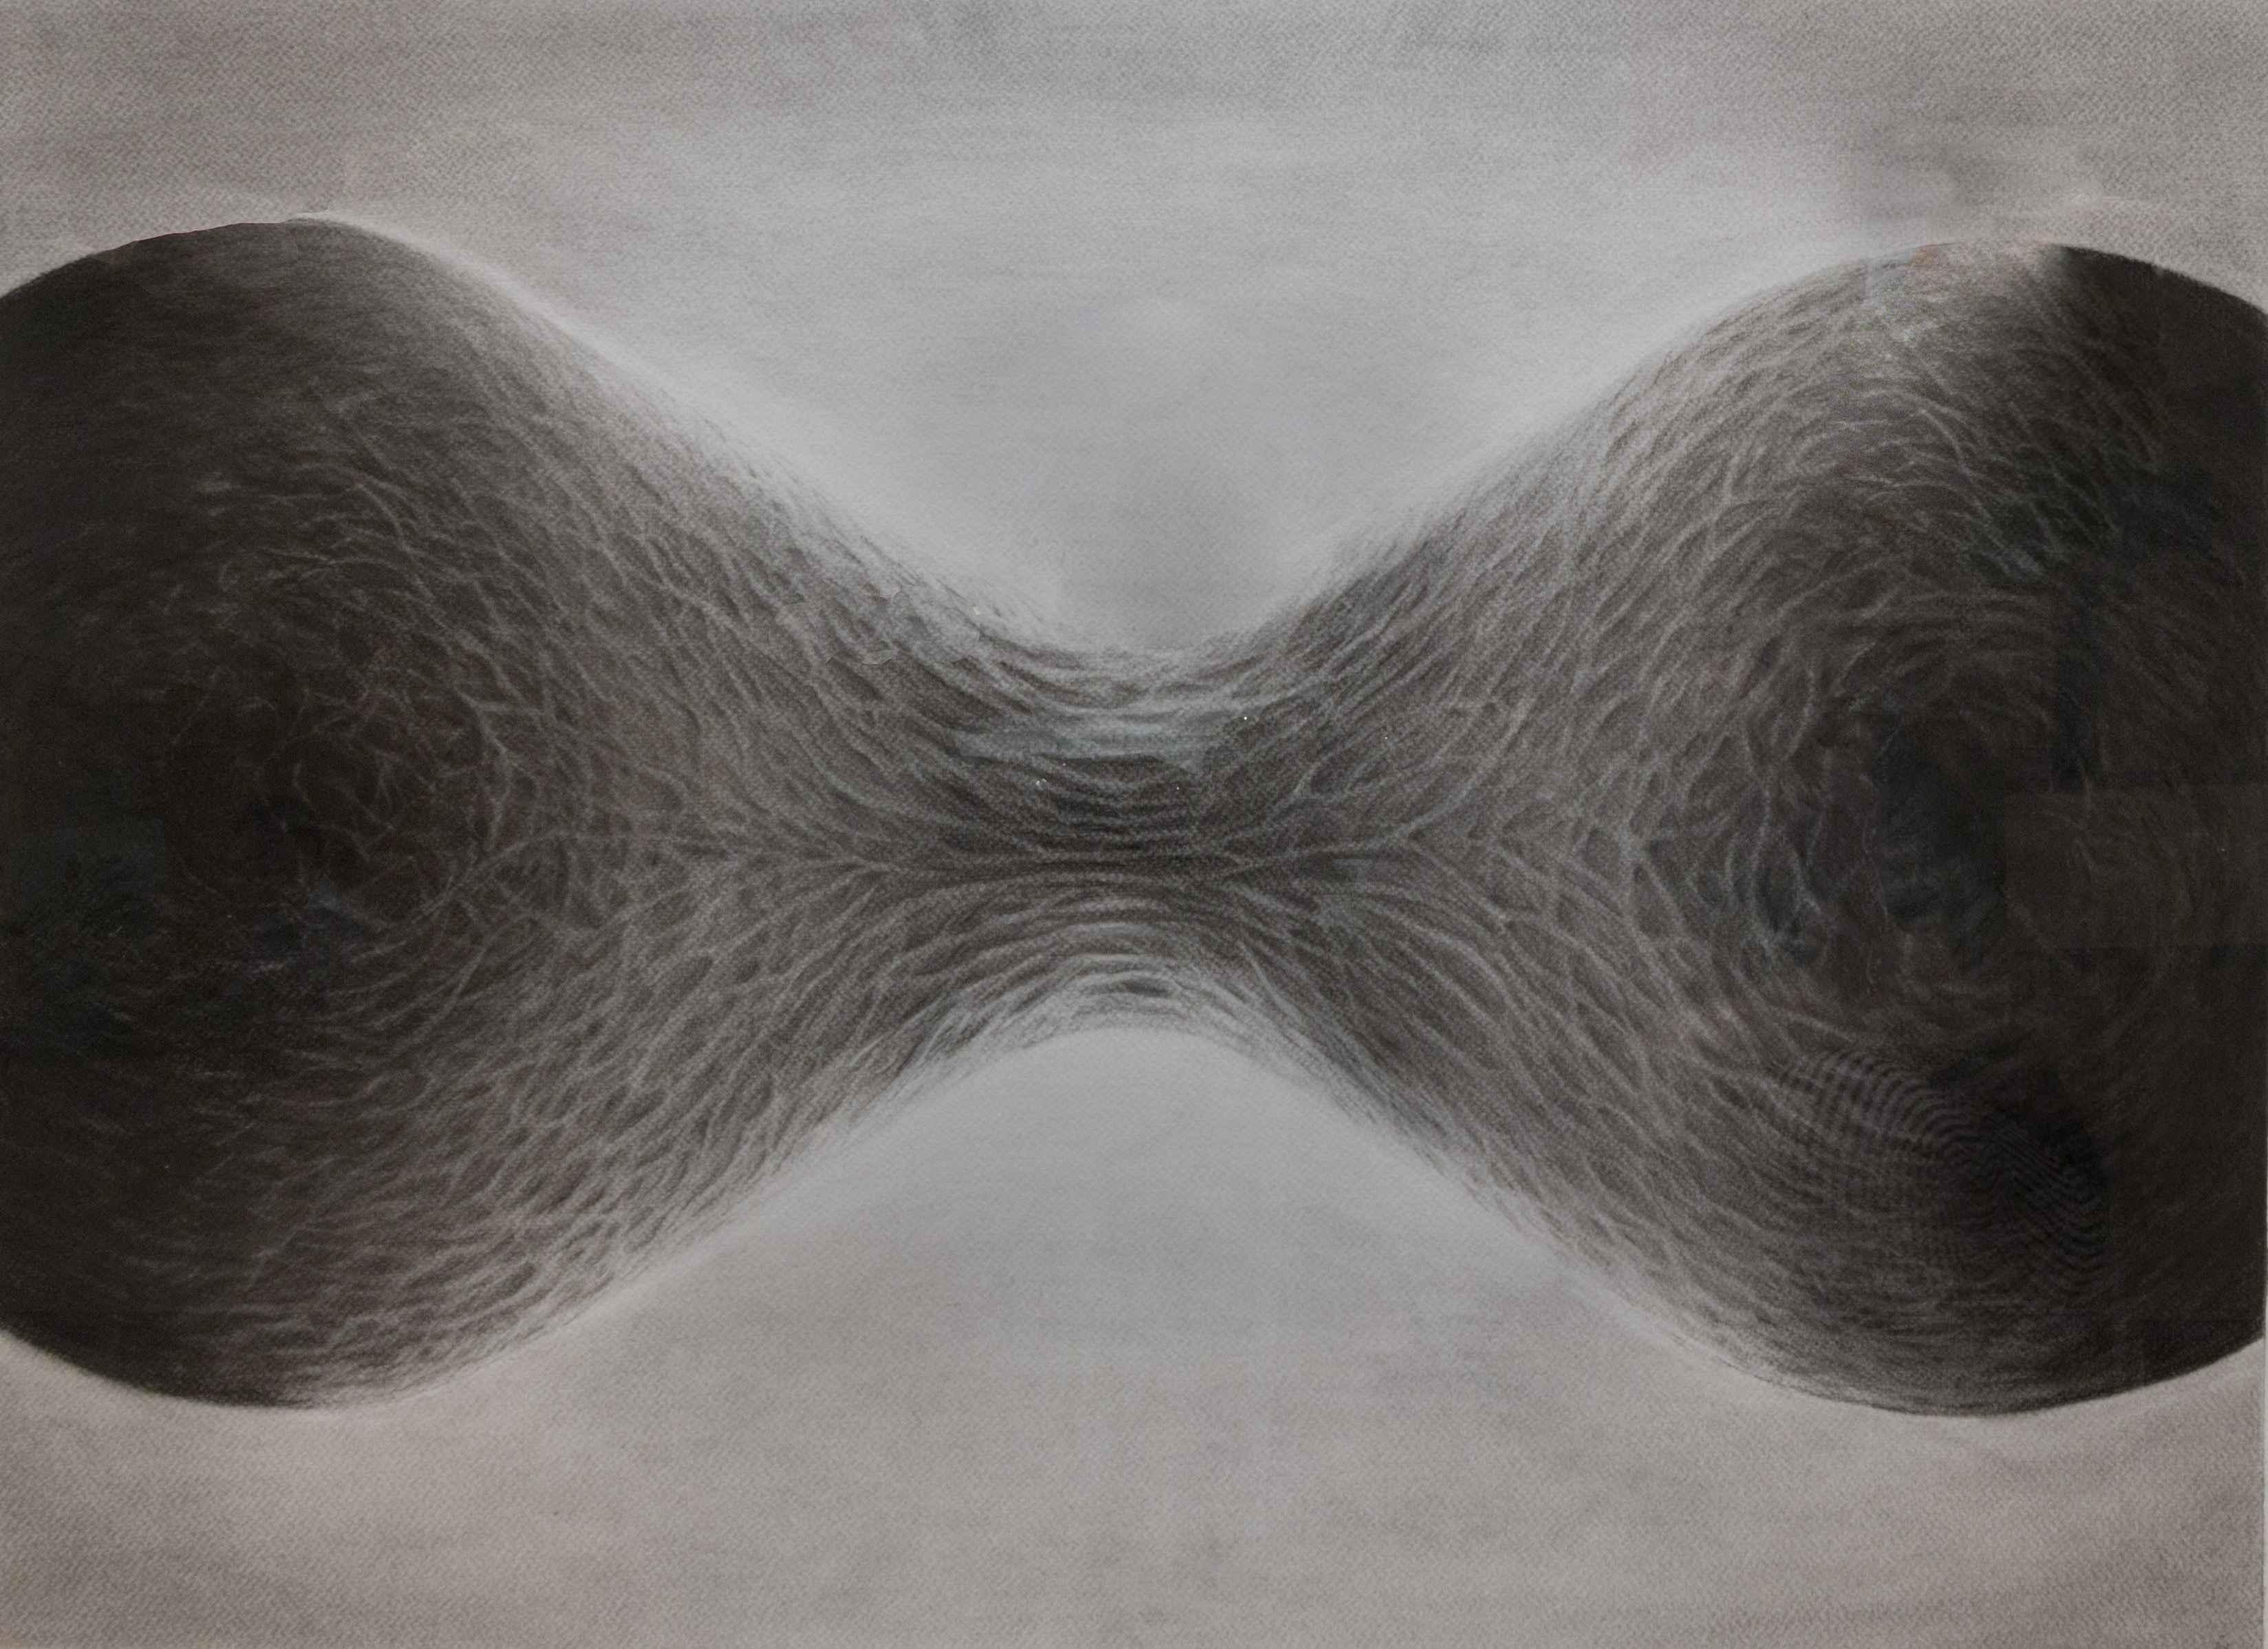 The Book of Love: Dos... by  Enrique Etievan - Masterpiece Online